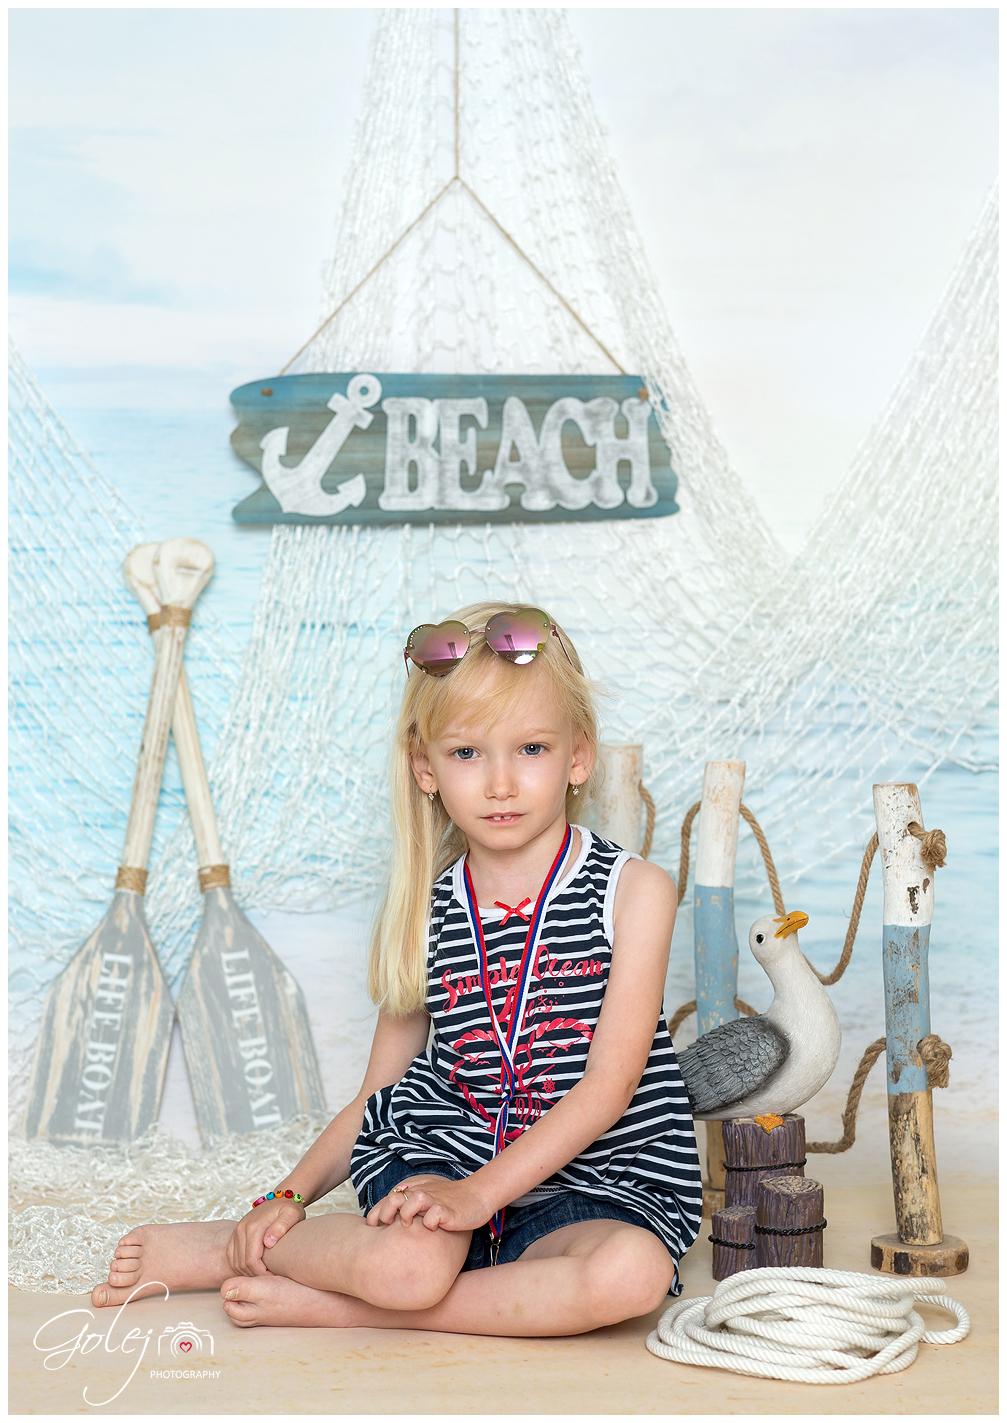 Deti na plazi 003